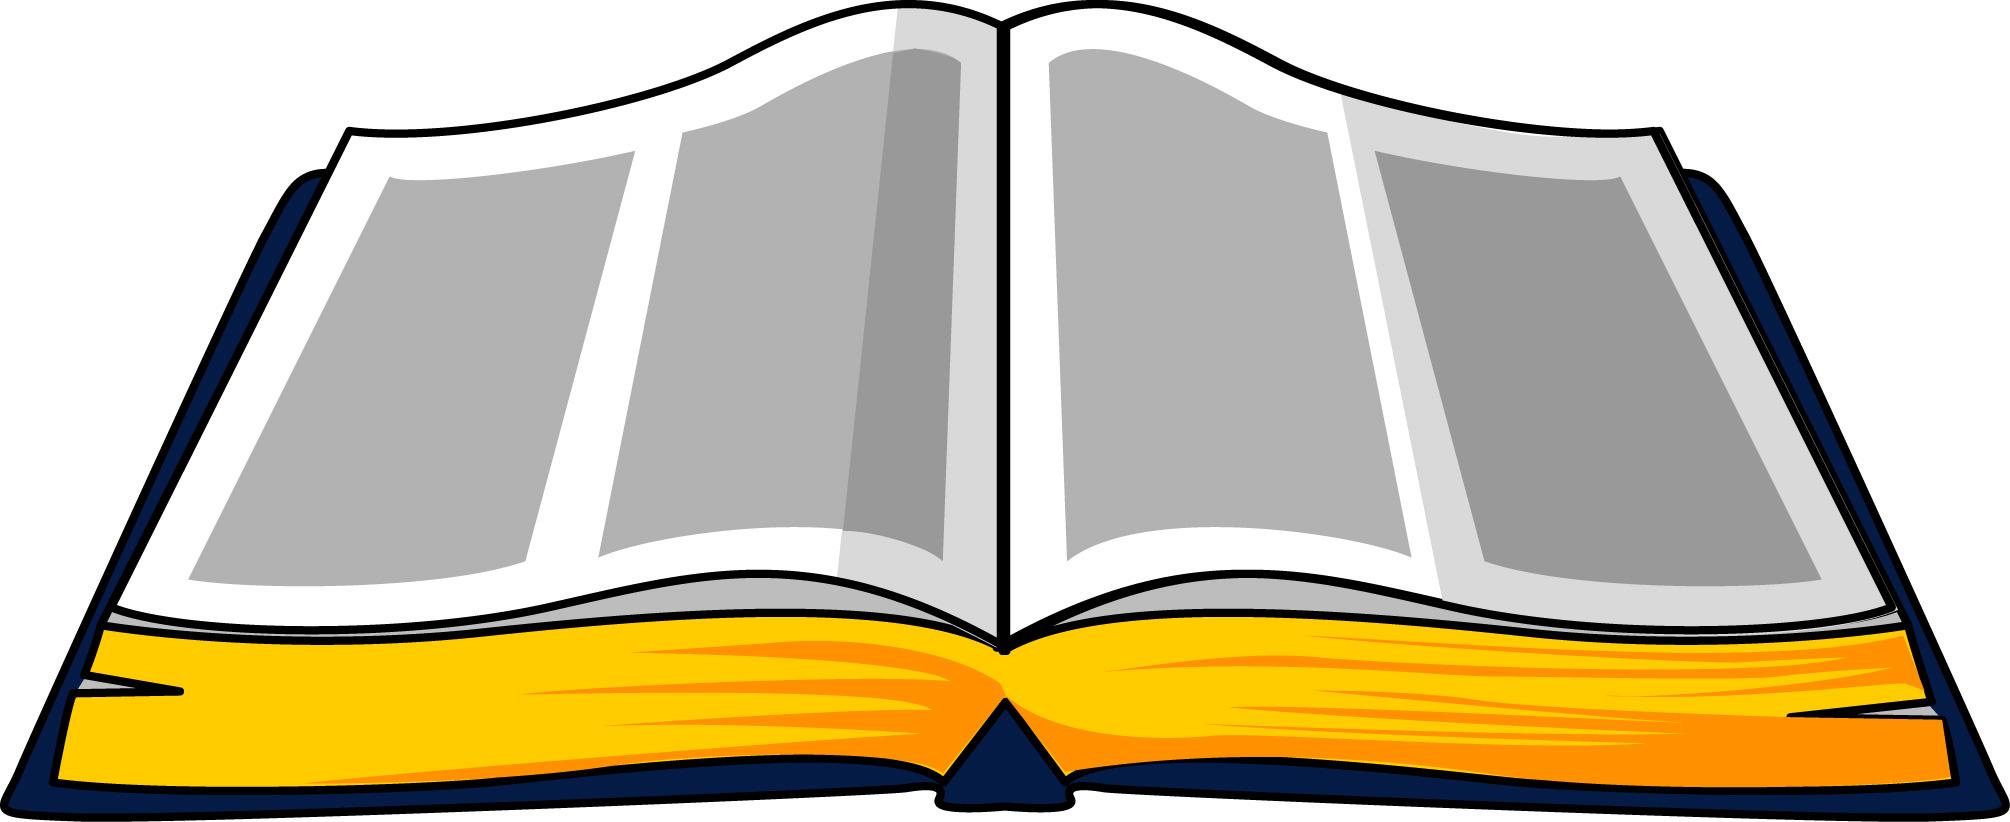 2010x822 Free Bible Clip Art Images Clipartix